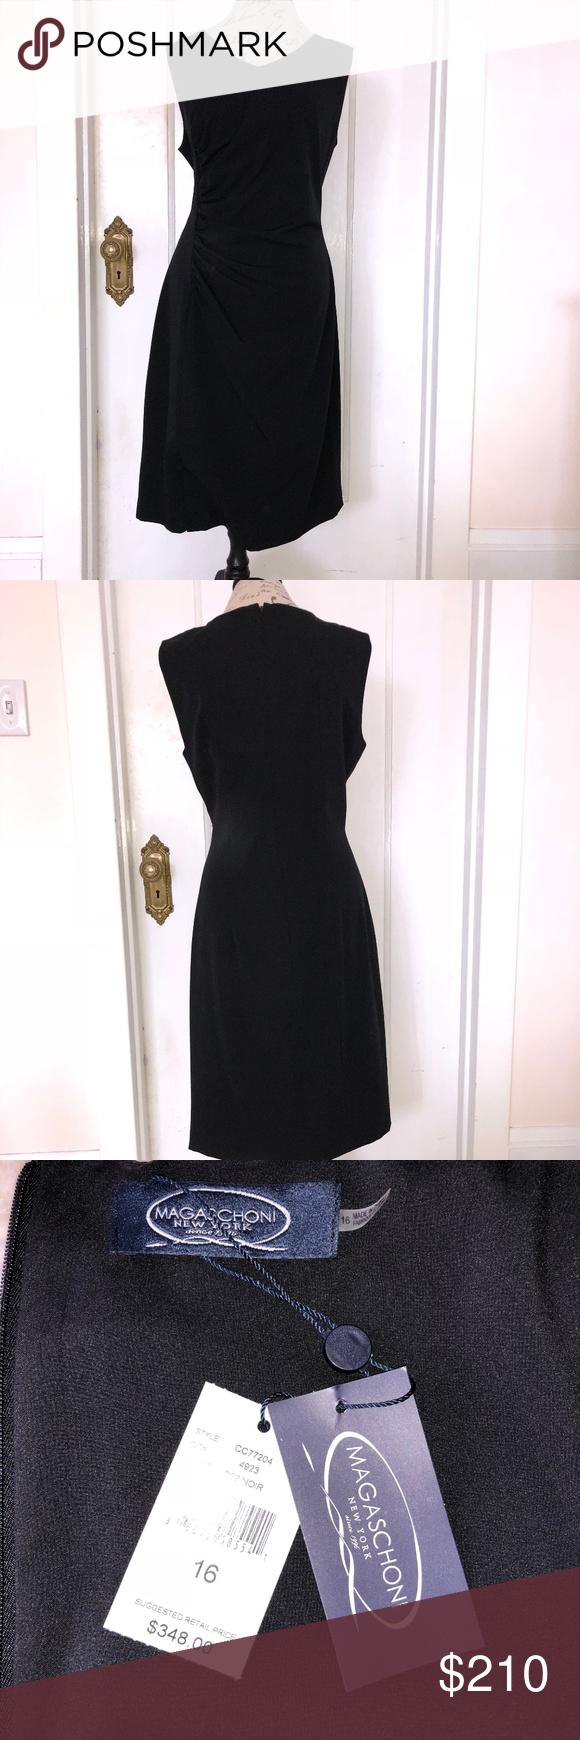 Magasconi Black Dress Size 16 Size 16 Dresses Clothes Design Dresses [ 1740 x 580 Pixel ]